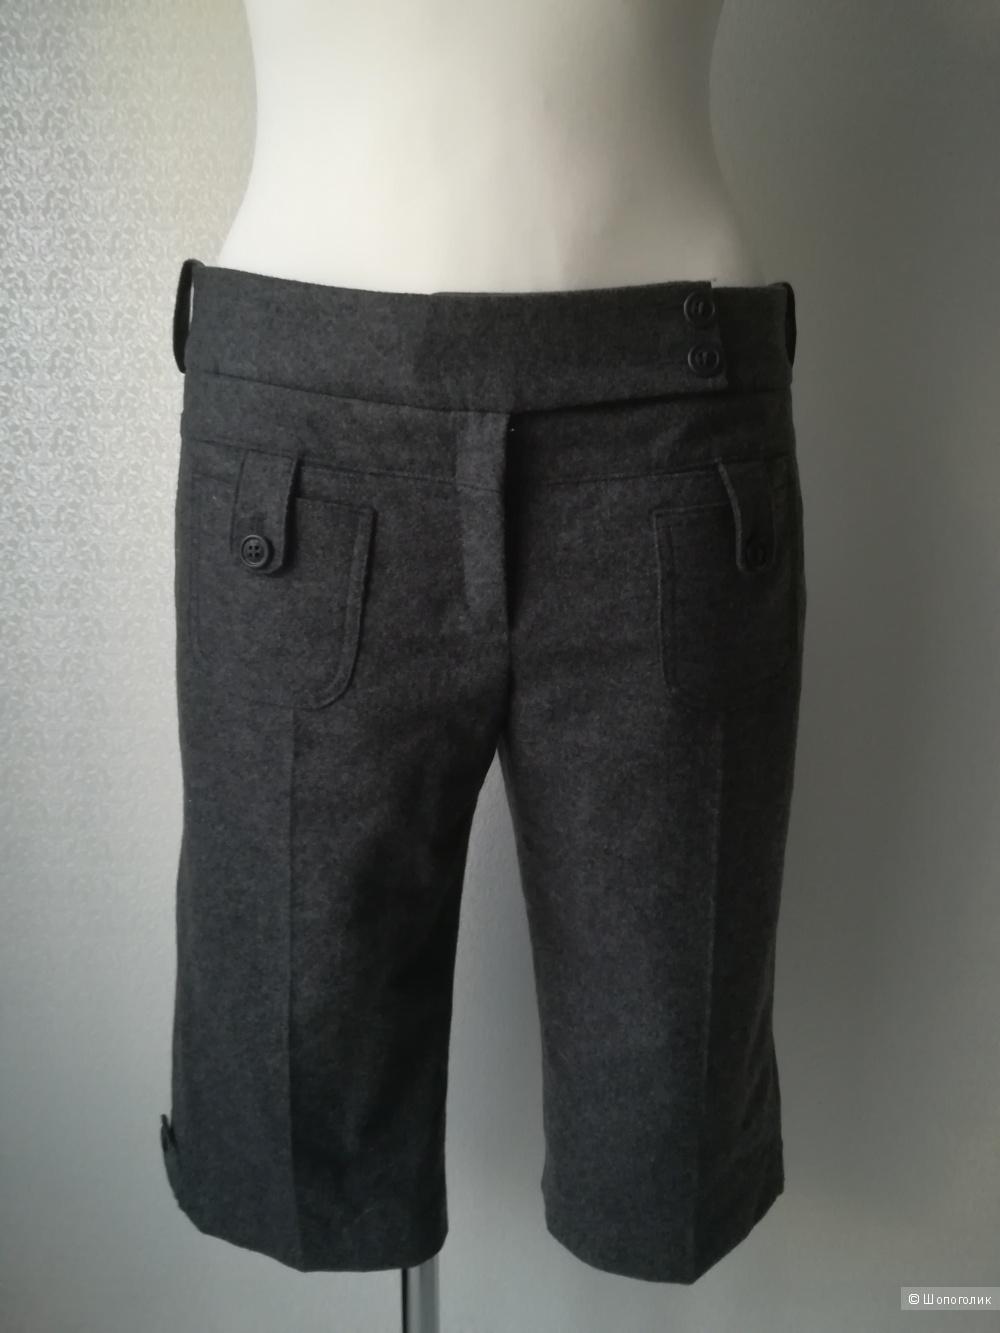 Шерстяные шорты Ted baker,размер 44-46